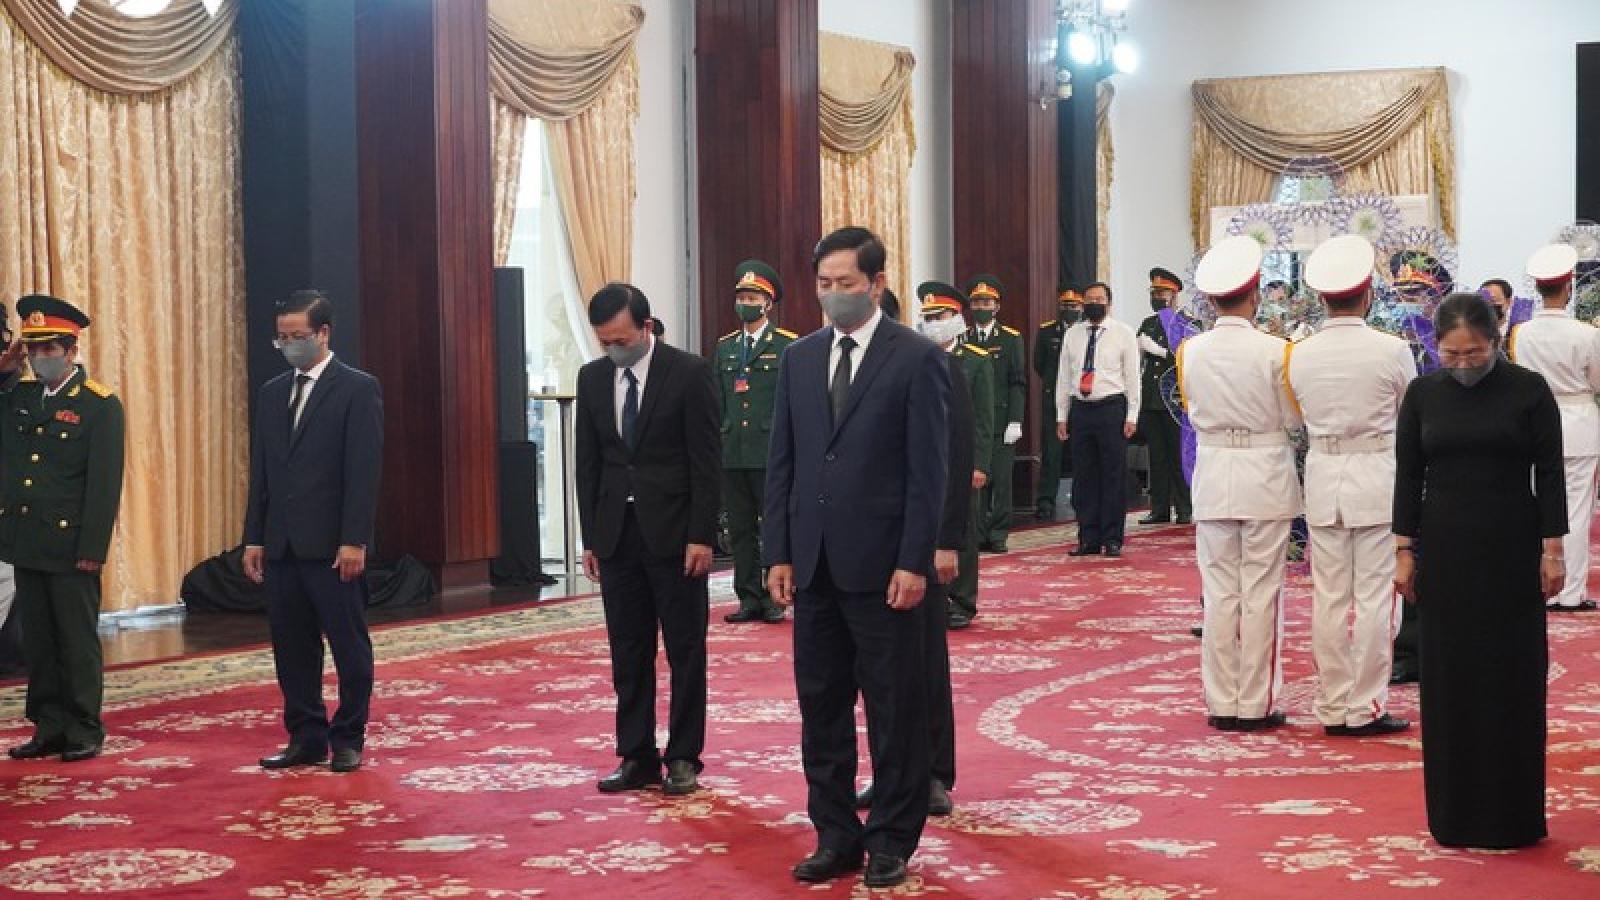 Ảnh: Lễ viếng nguyên Tổng Bí thư Lê Khả Phiêu tại TPHCM